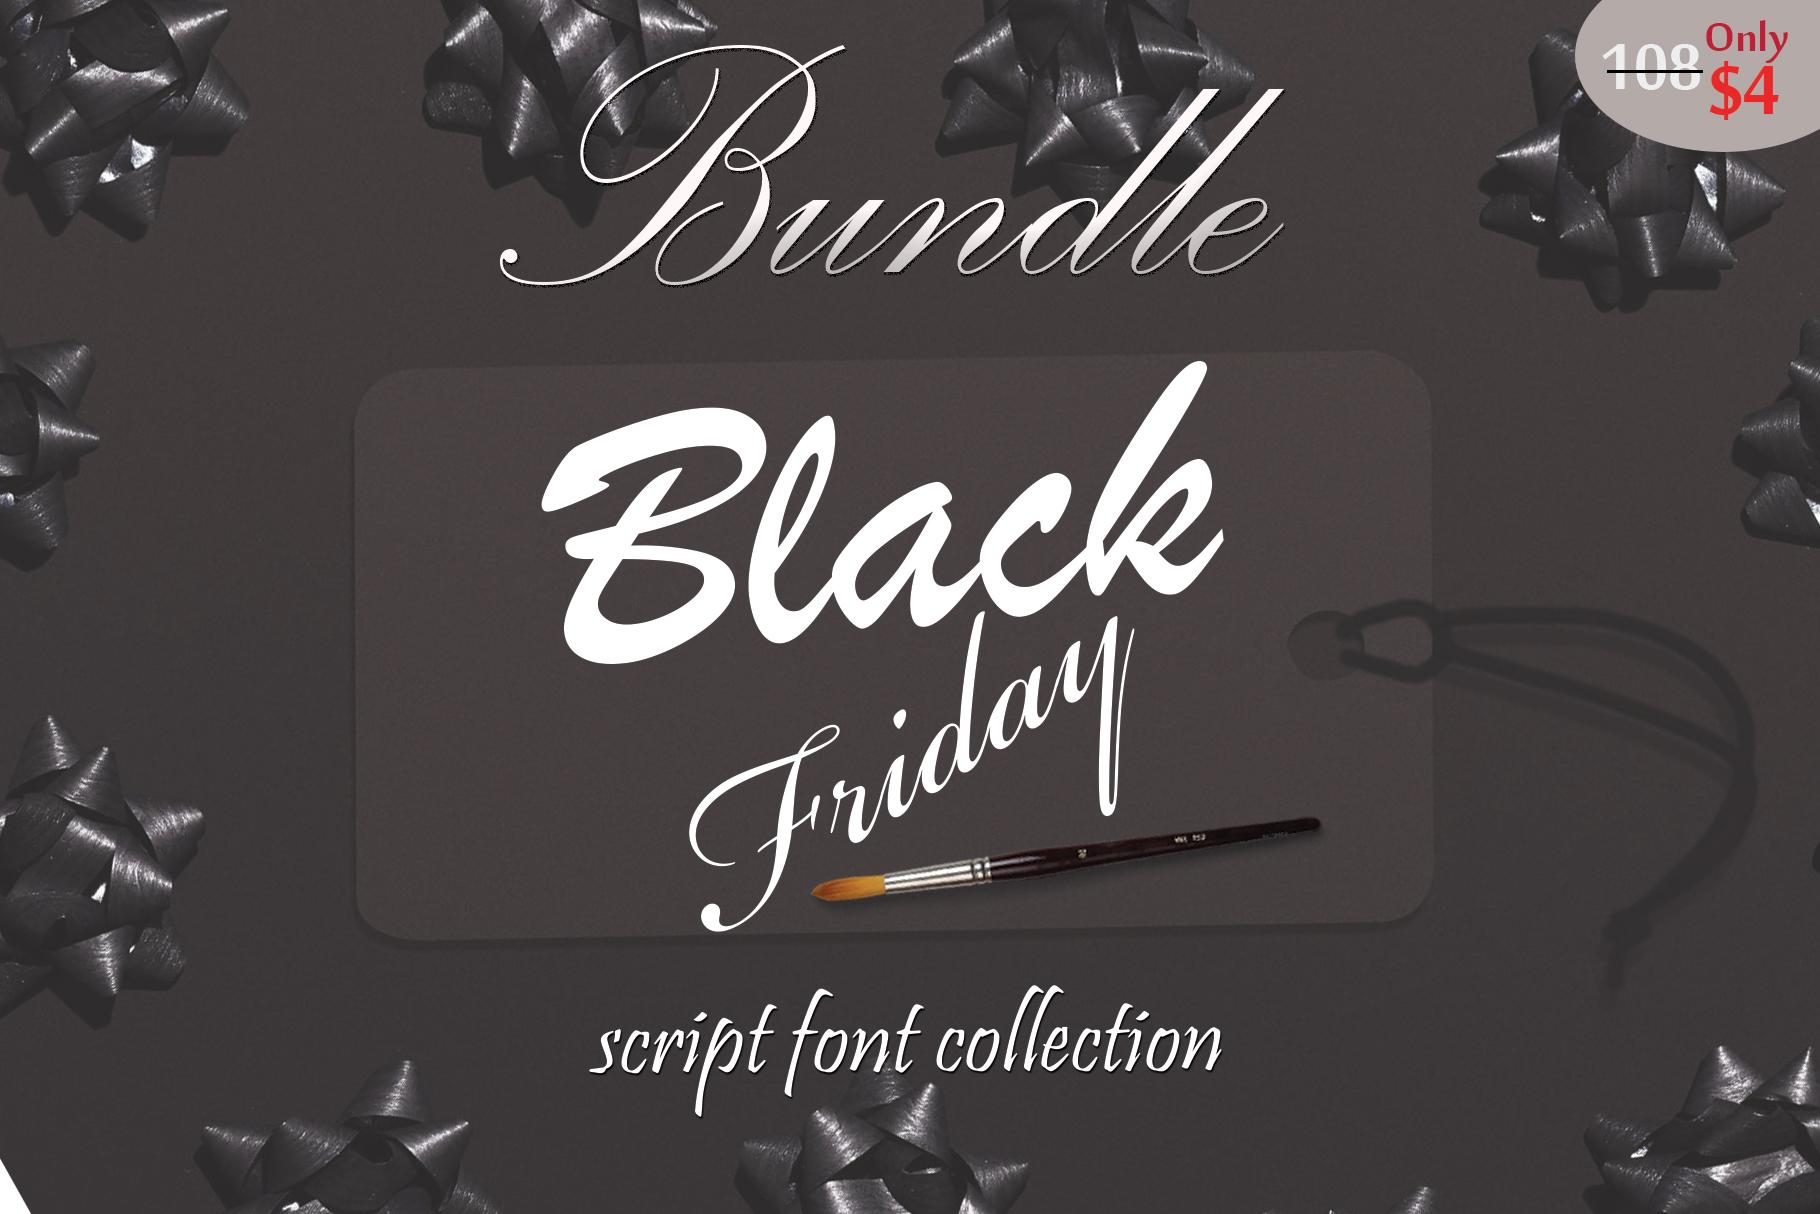 Black Friday FontBundle example image 1